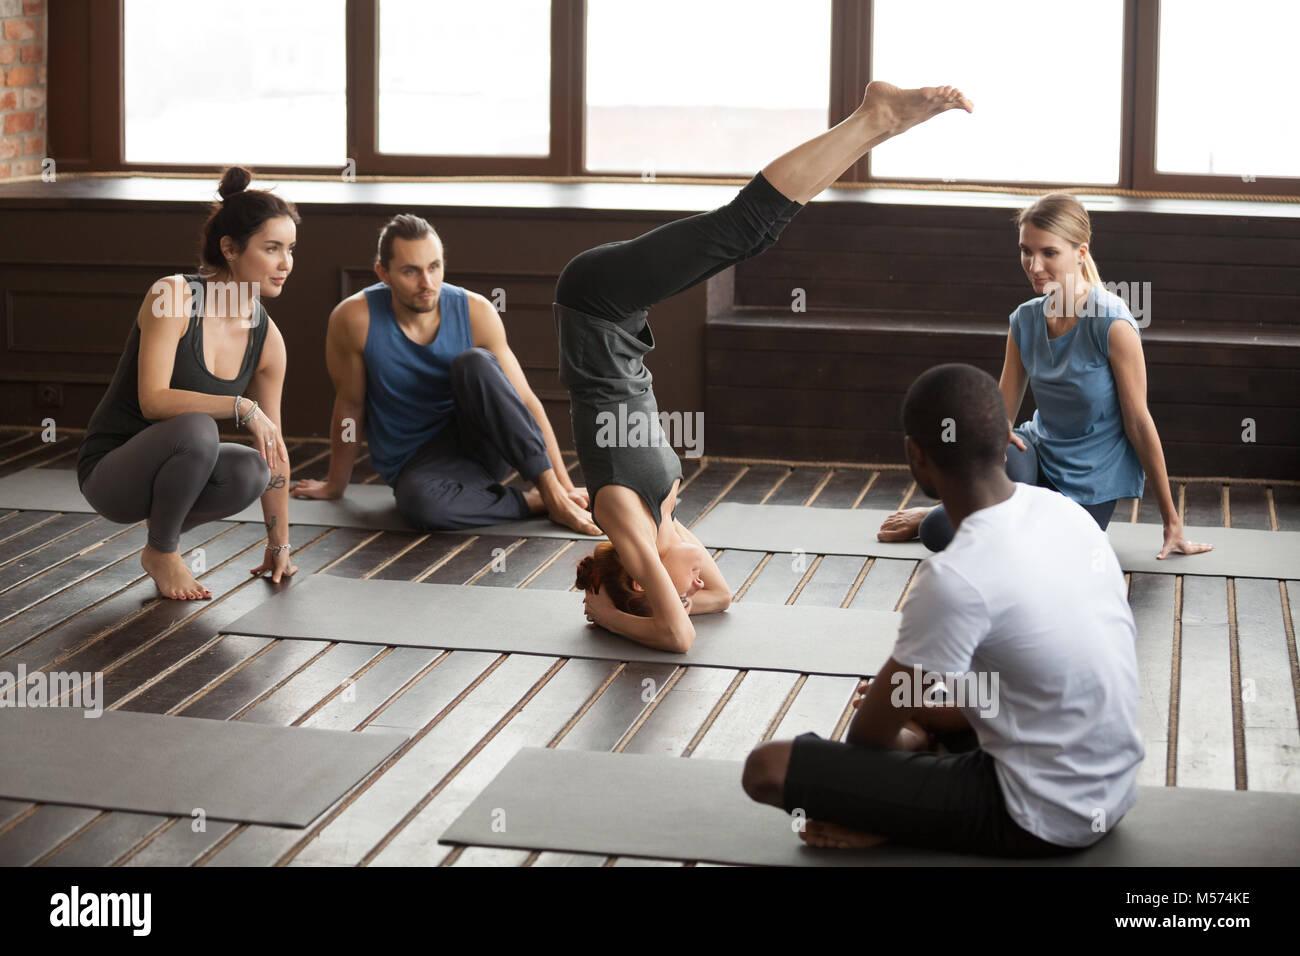 Mujer de pie en la cabeza practicando yoga en la clase de formación en grupo Imagen De Stock